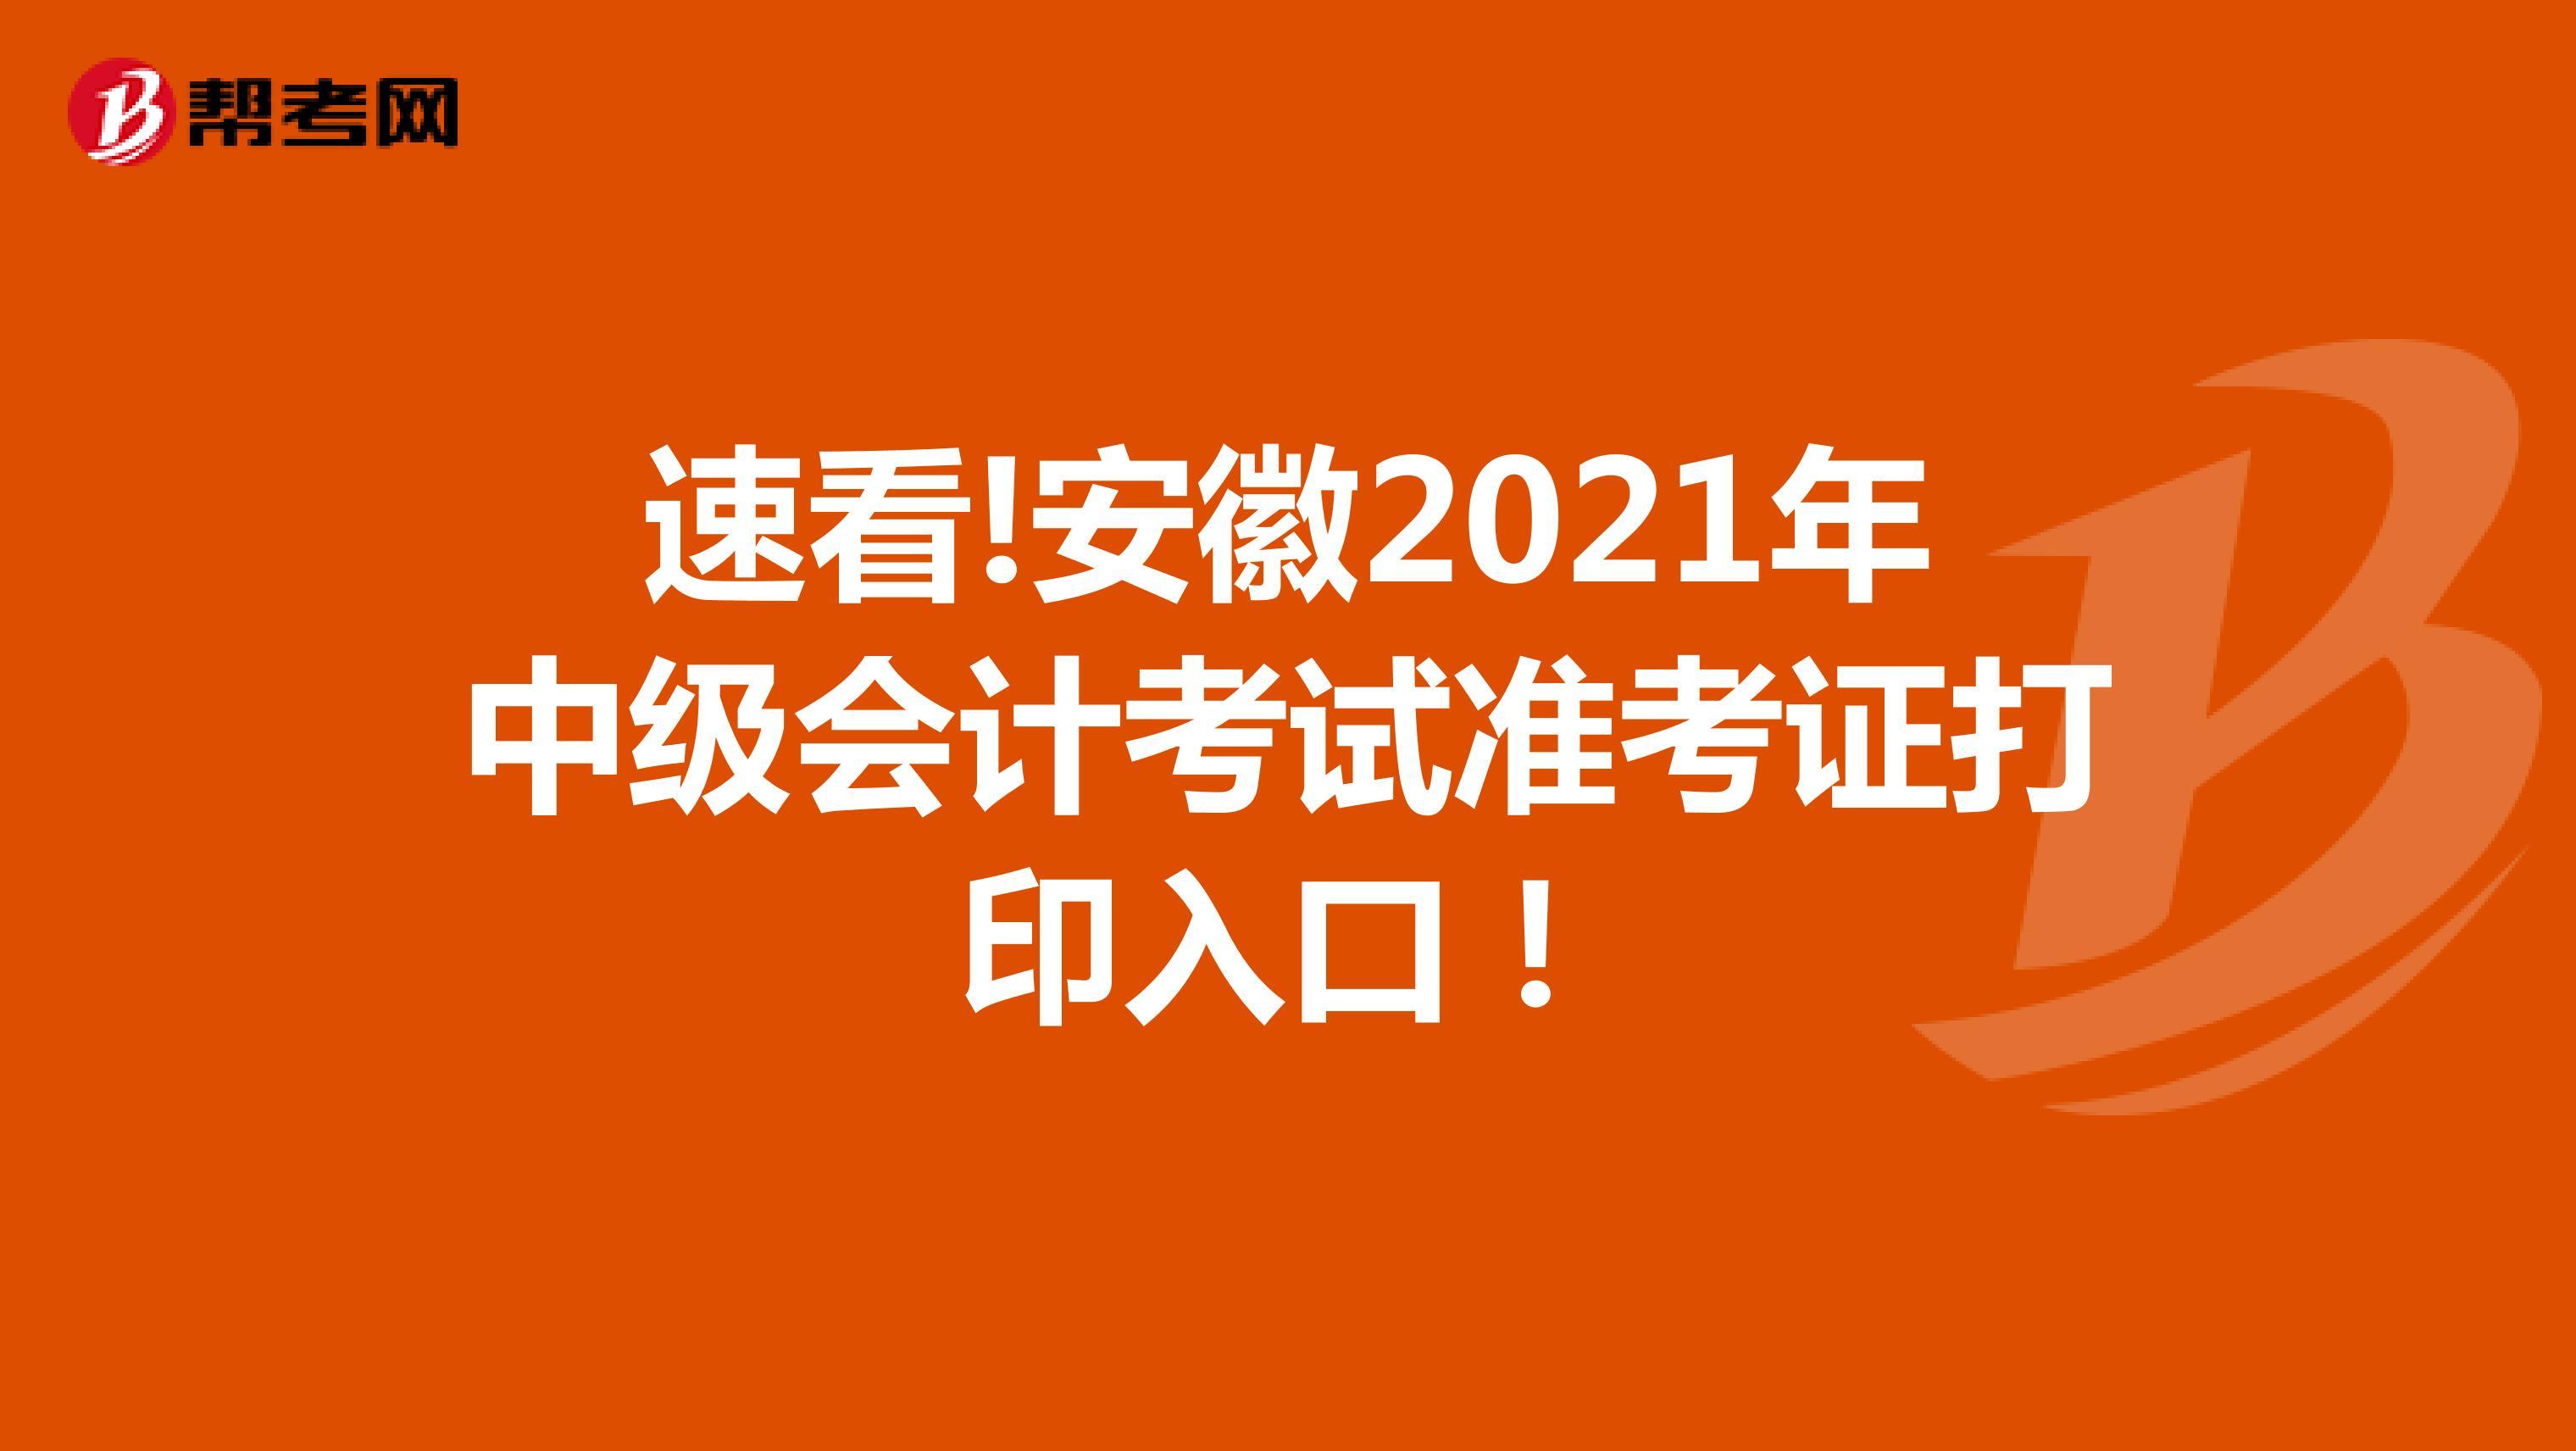 速看!安徽2021年中级会计考试准考证打印入口!